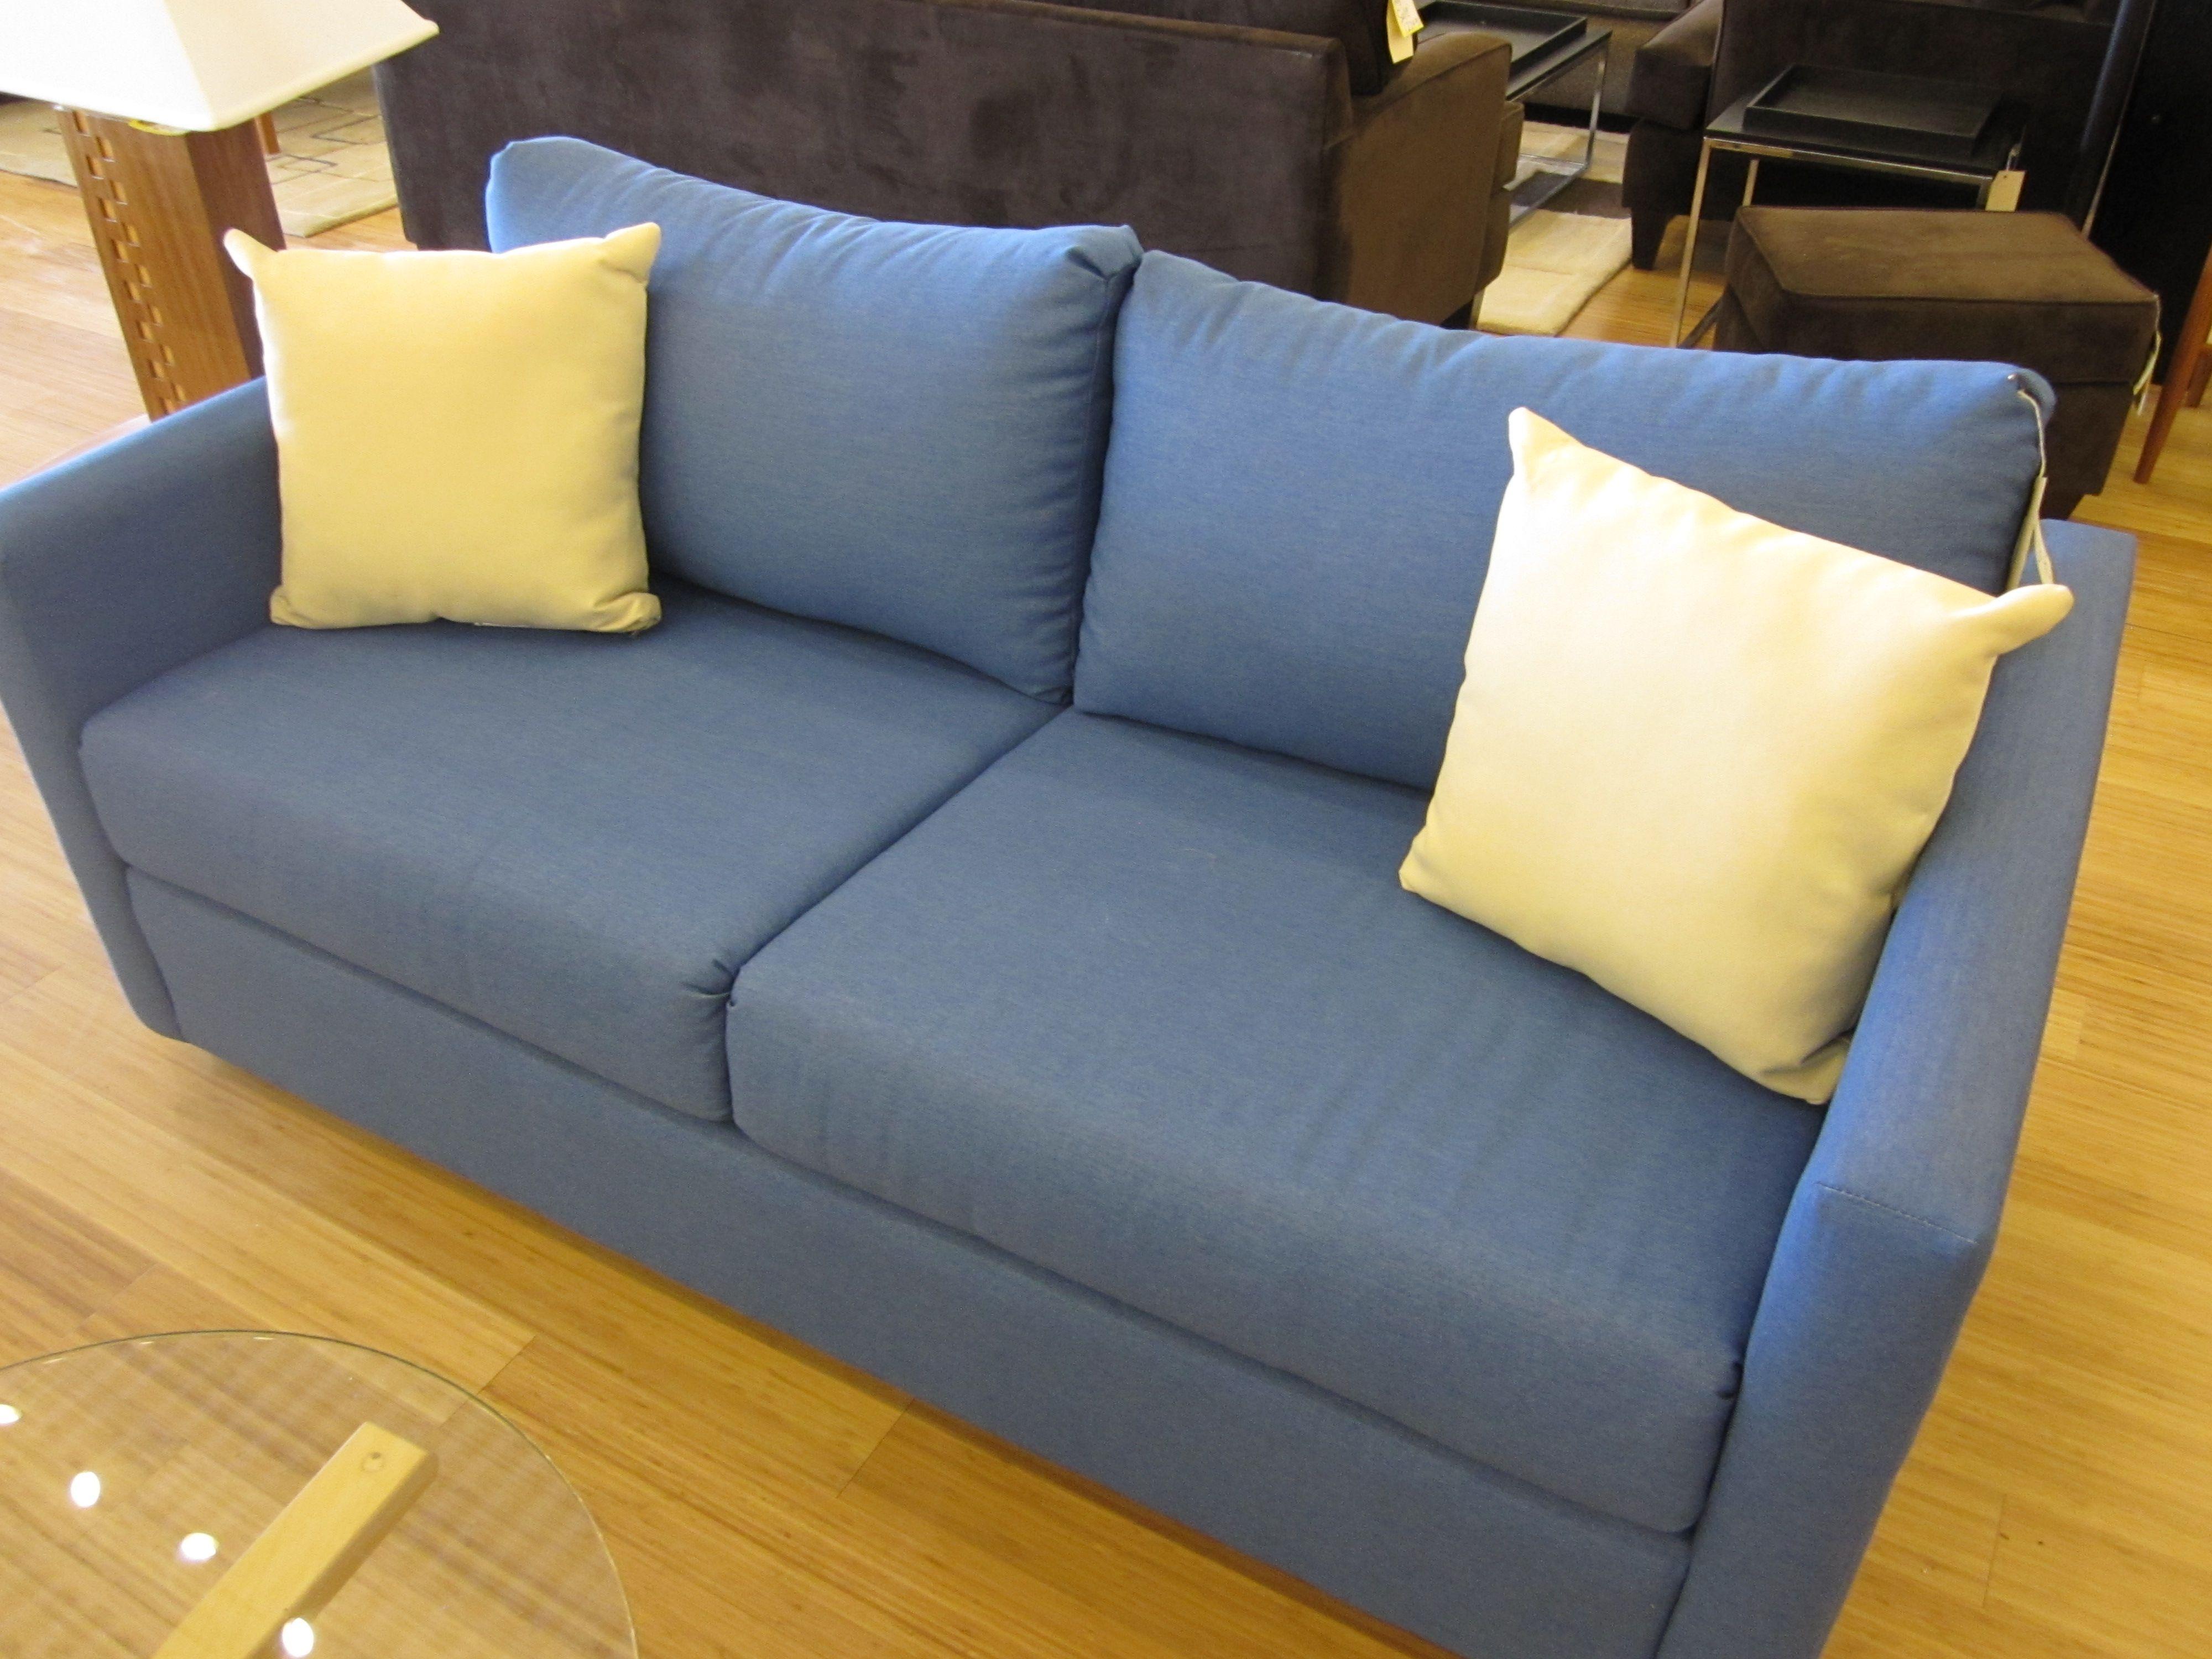 Sleeper sofas available upholstery pinterest sleeper sofas